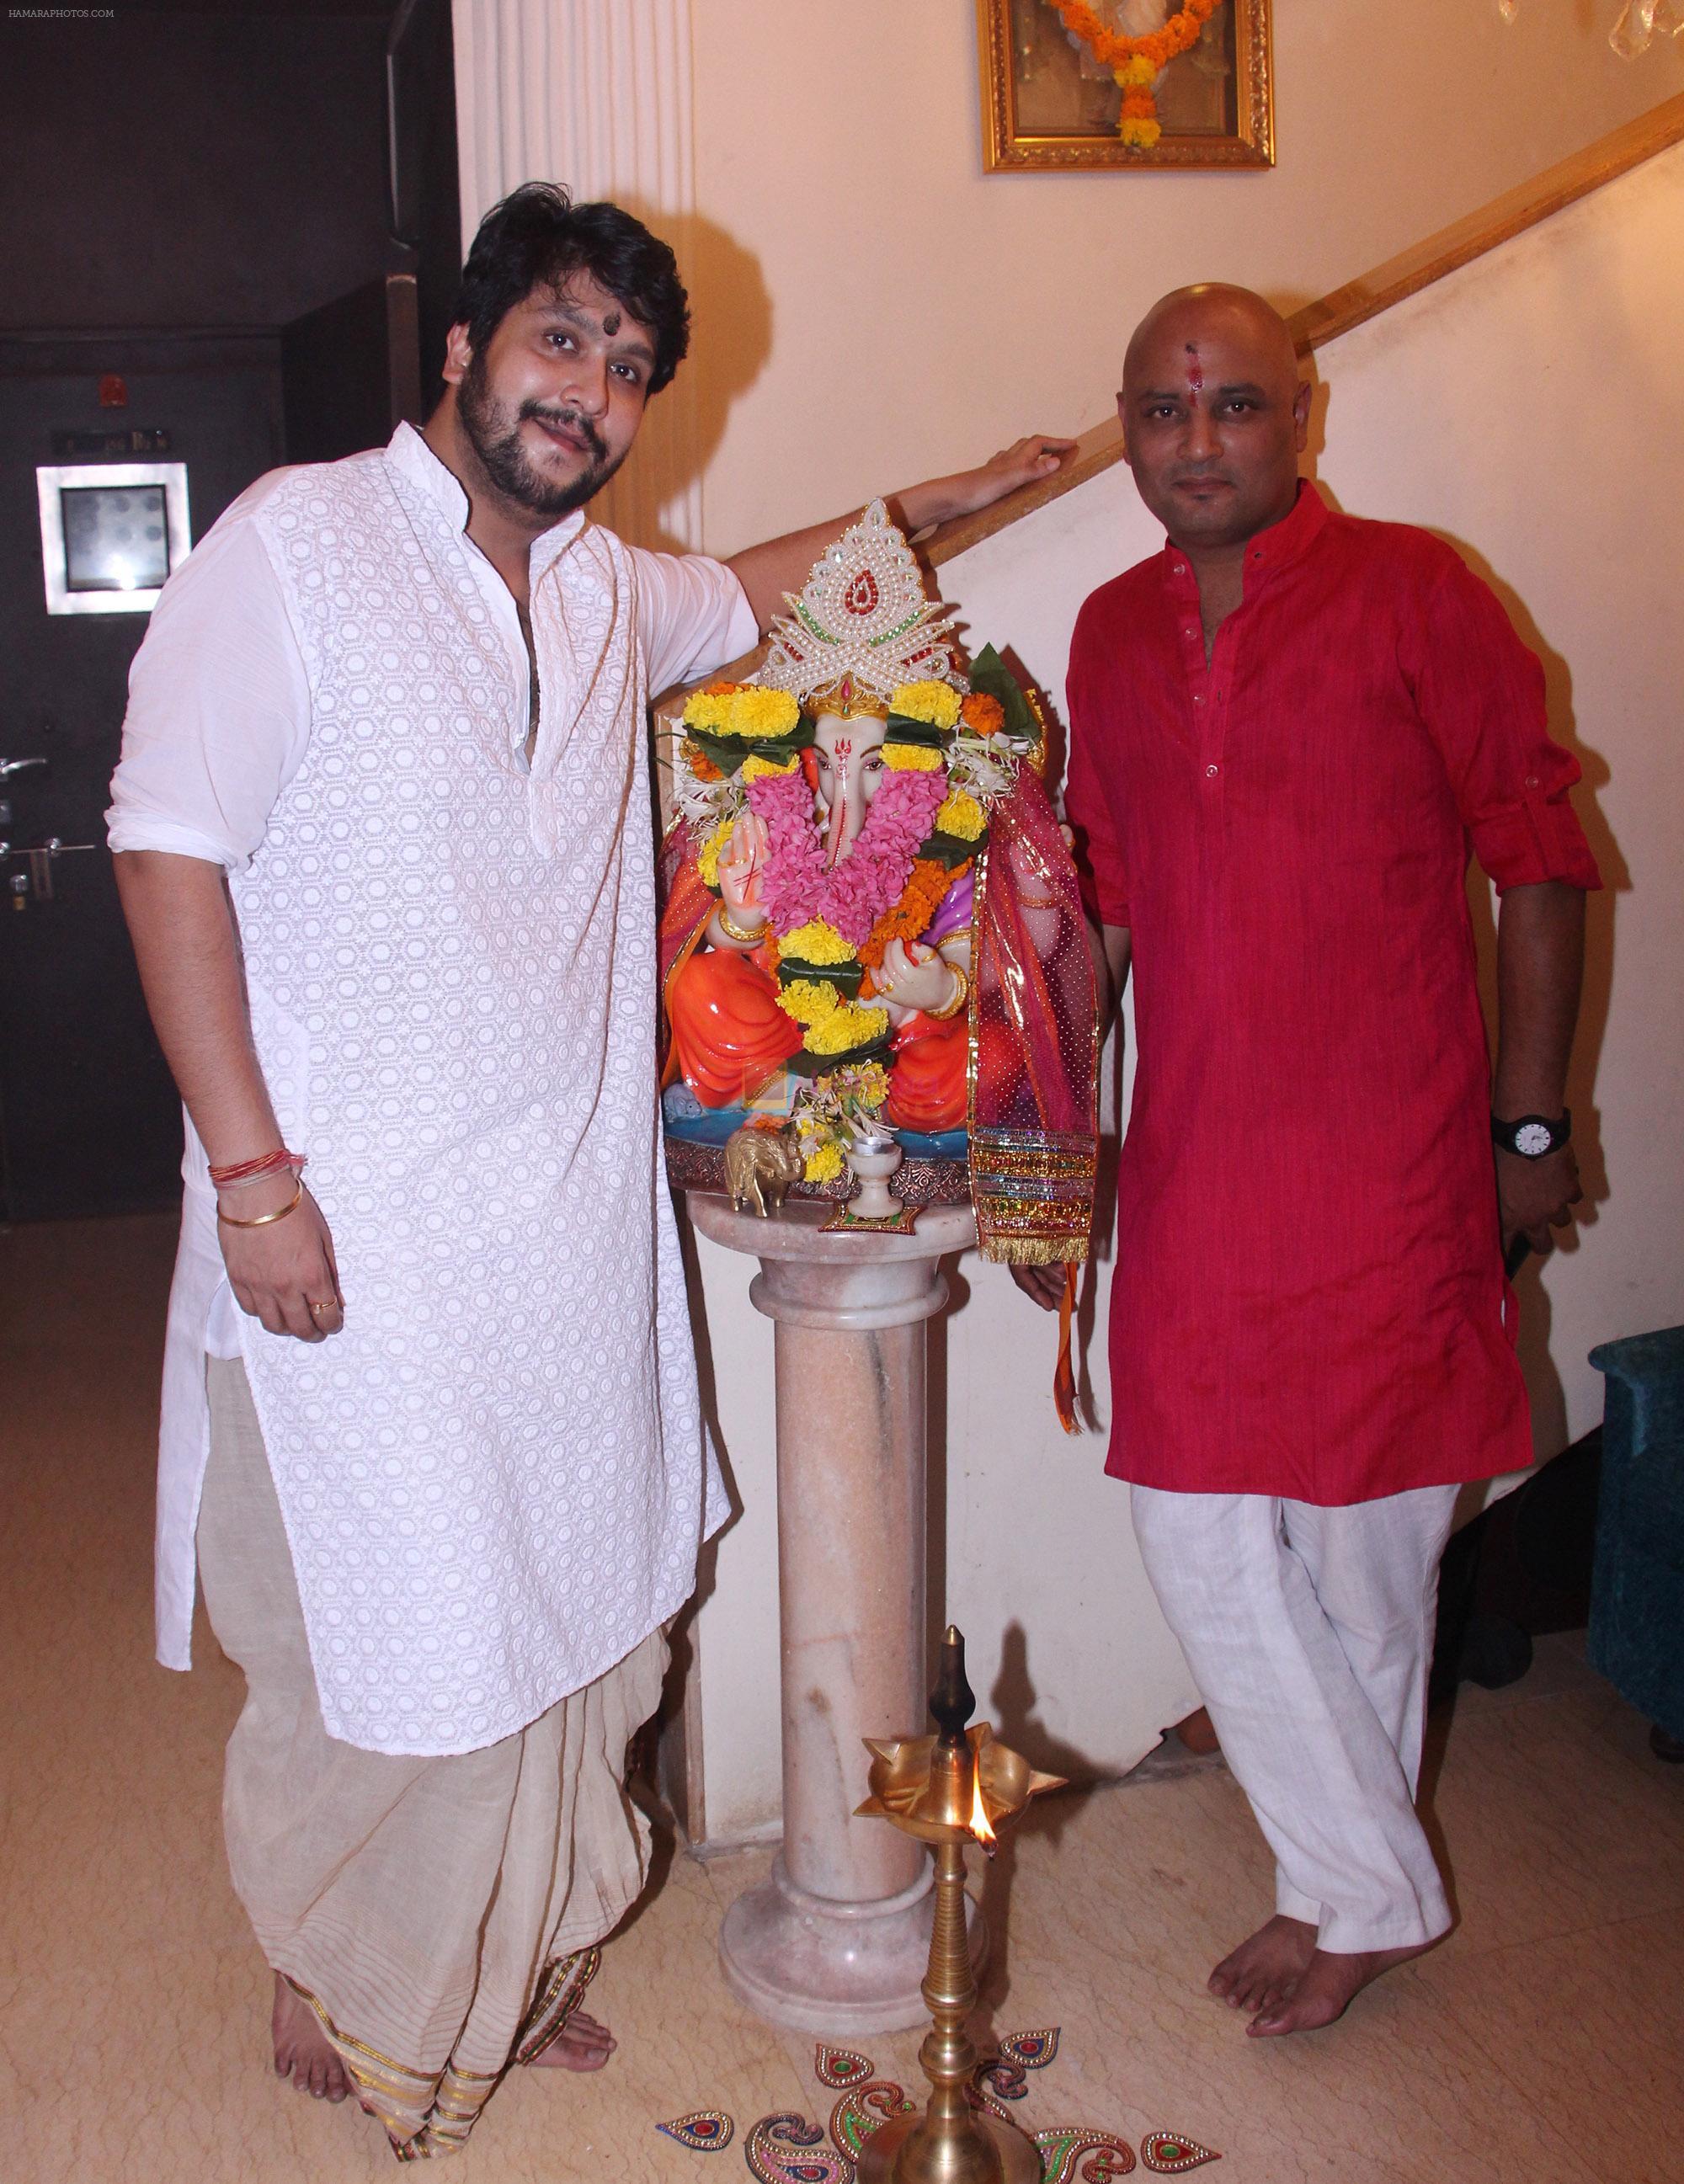 Bappa Lahiri and Raja Mukherjee at the Lahiri House Lakshmi Pooja in Juhu